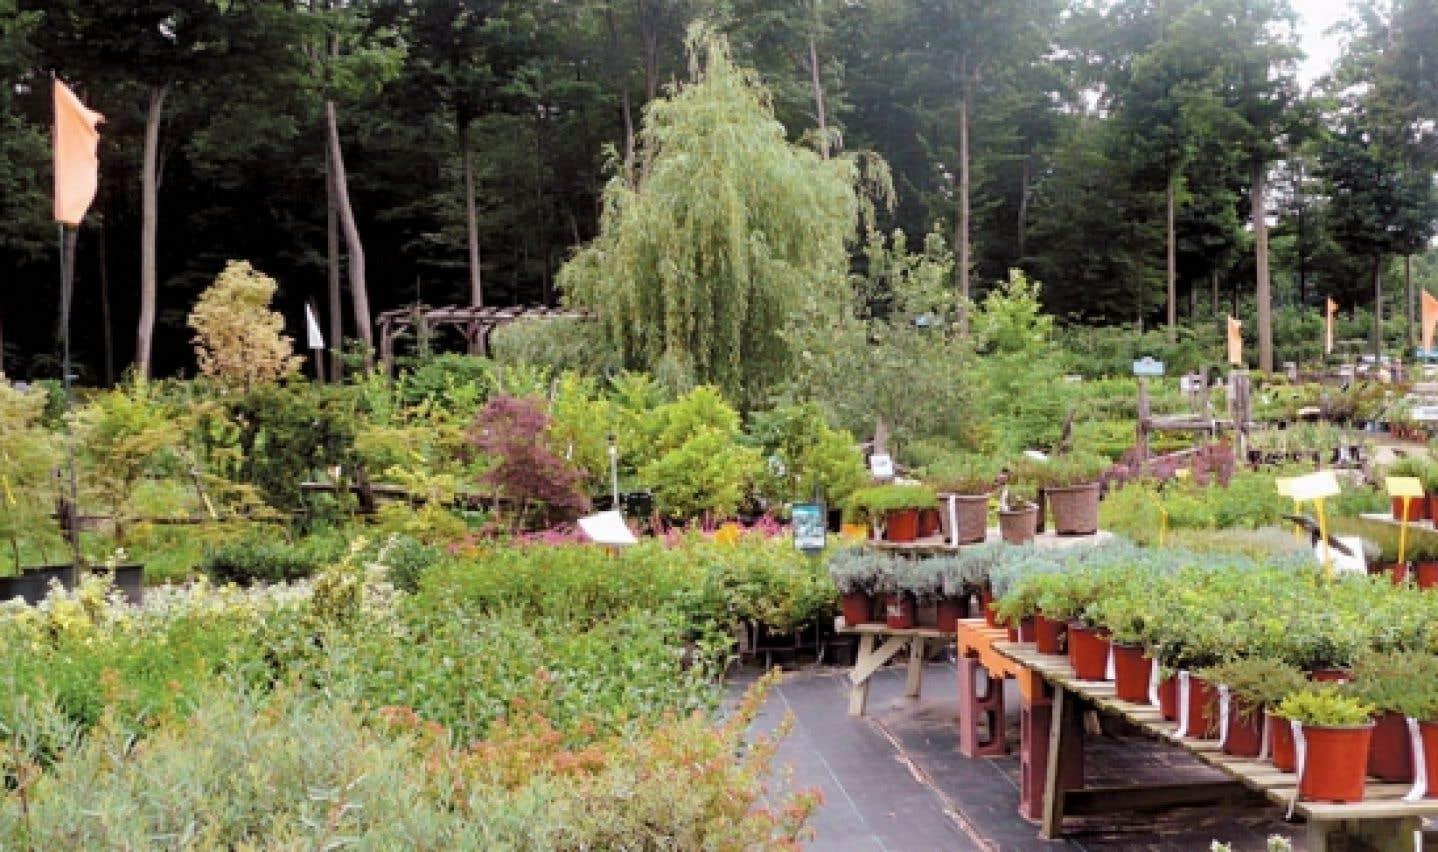 La Pépinière Villeneuve, à L'Assomption, offre une diversité de services et de plantes rarement égalée, dans un décor enchanteur.